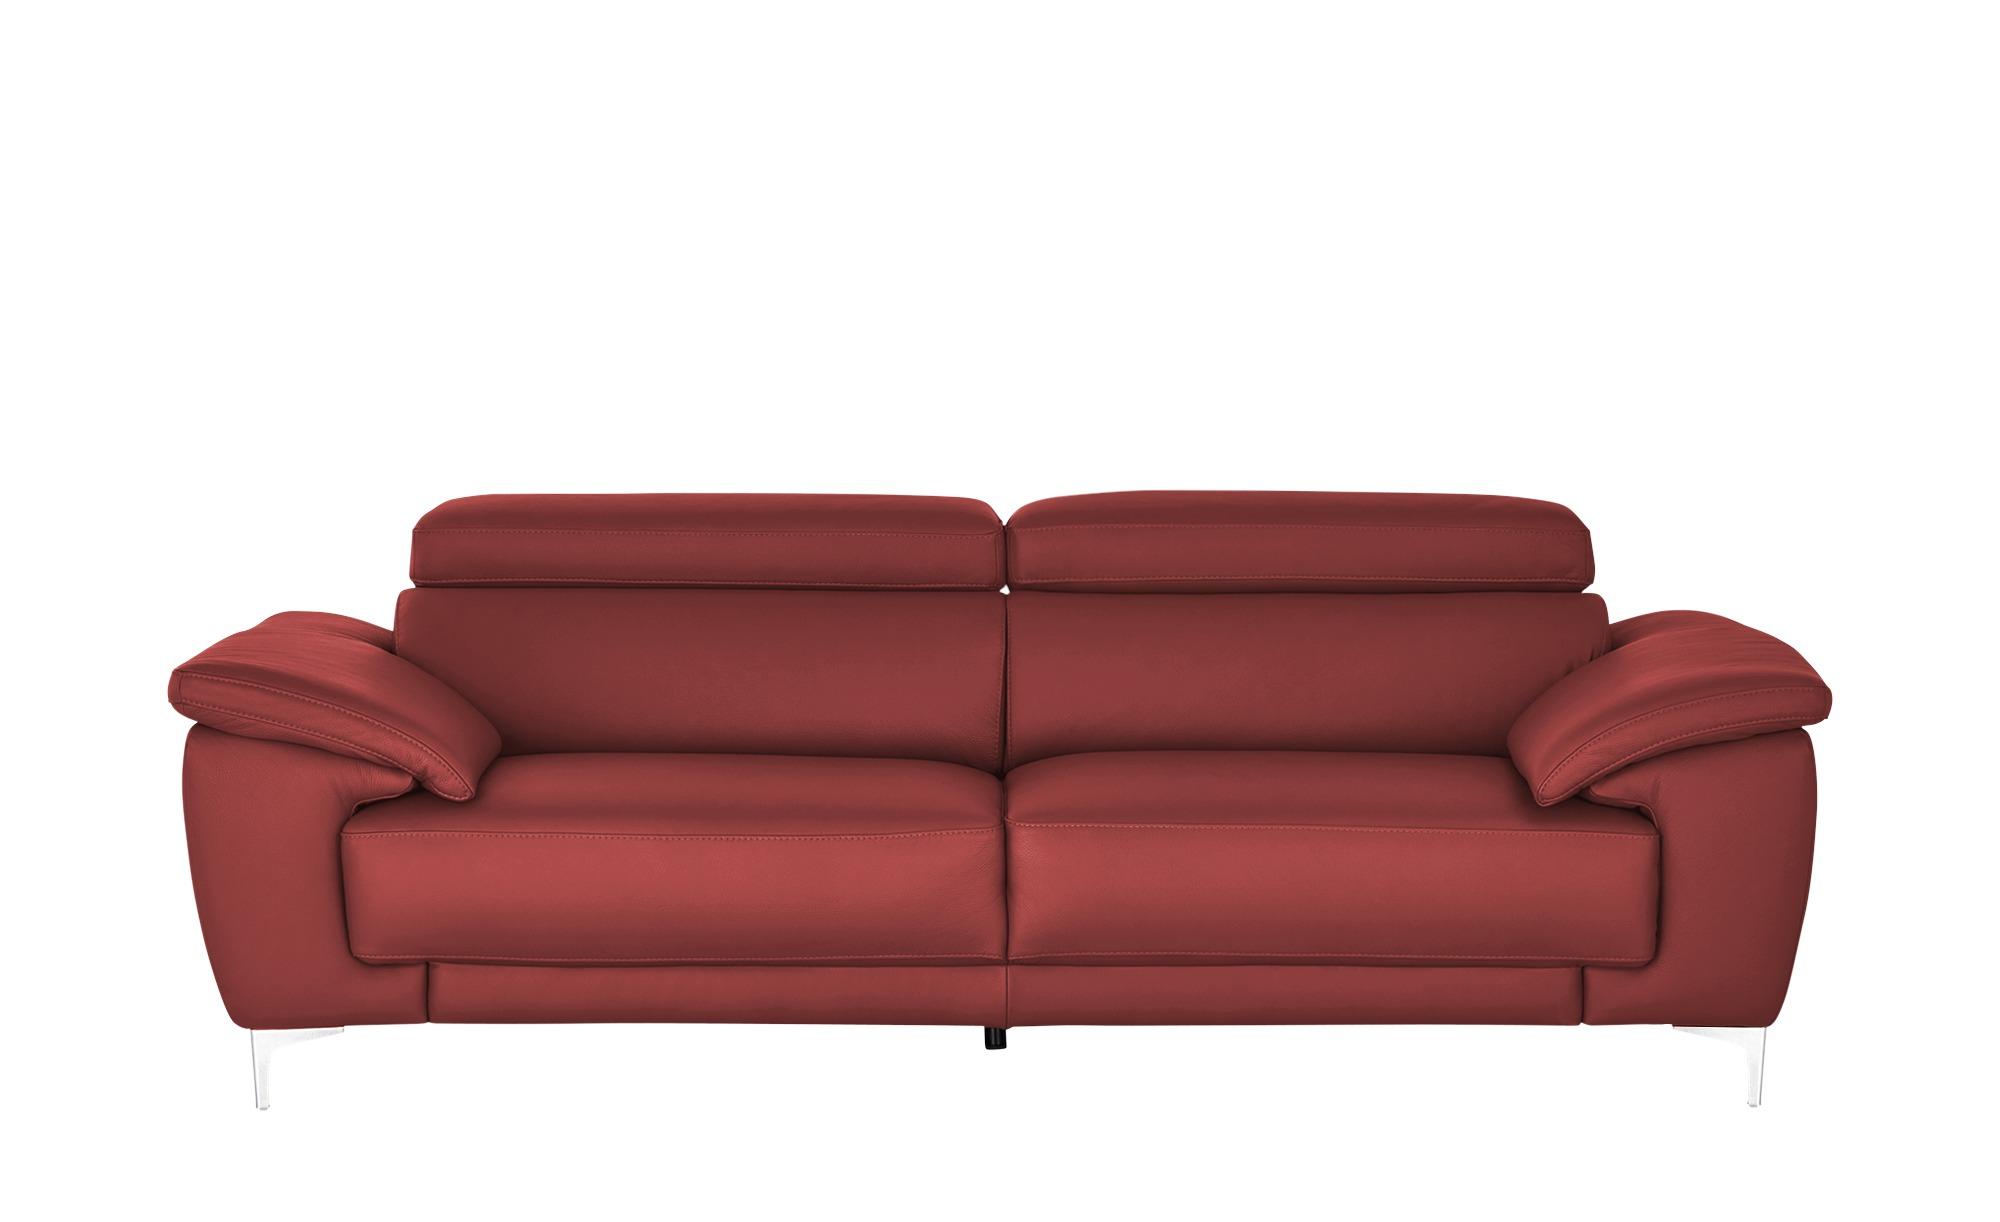 Max Schelling Einzelsofa  Vita ¦ rot ¦ Maße (cm): B: 236 H: 93 T: 105 Polstermöbel > Sofas > 3-Sitzer - Höffner